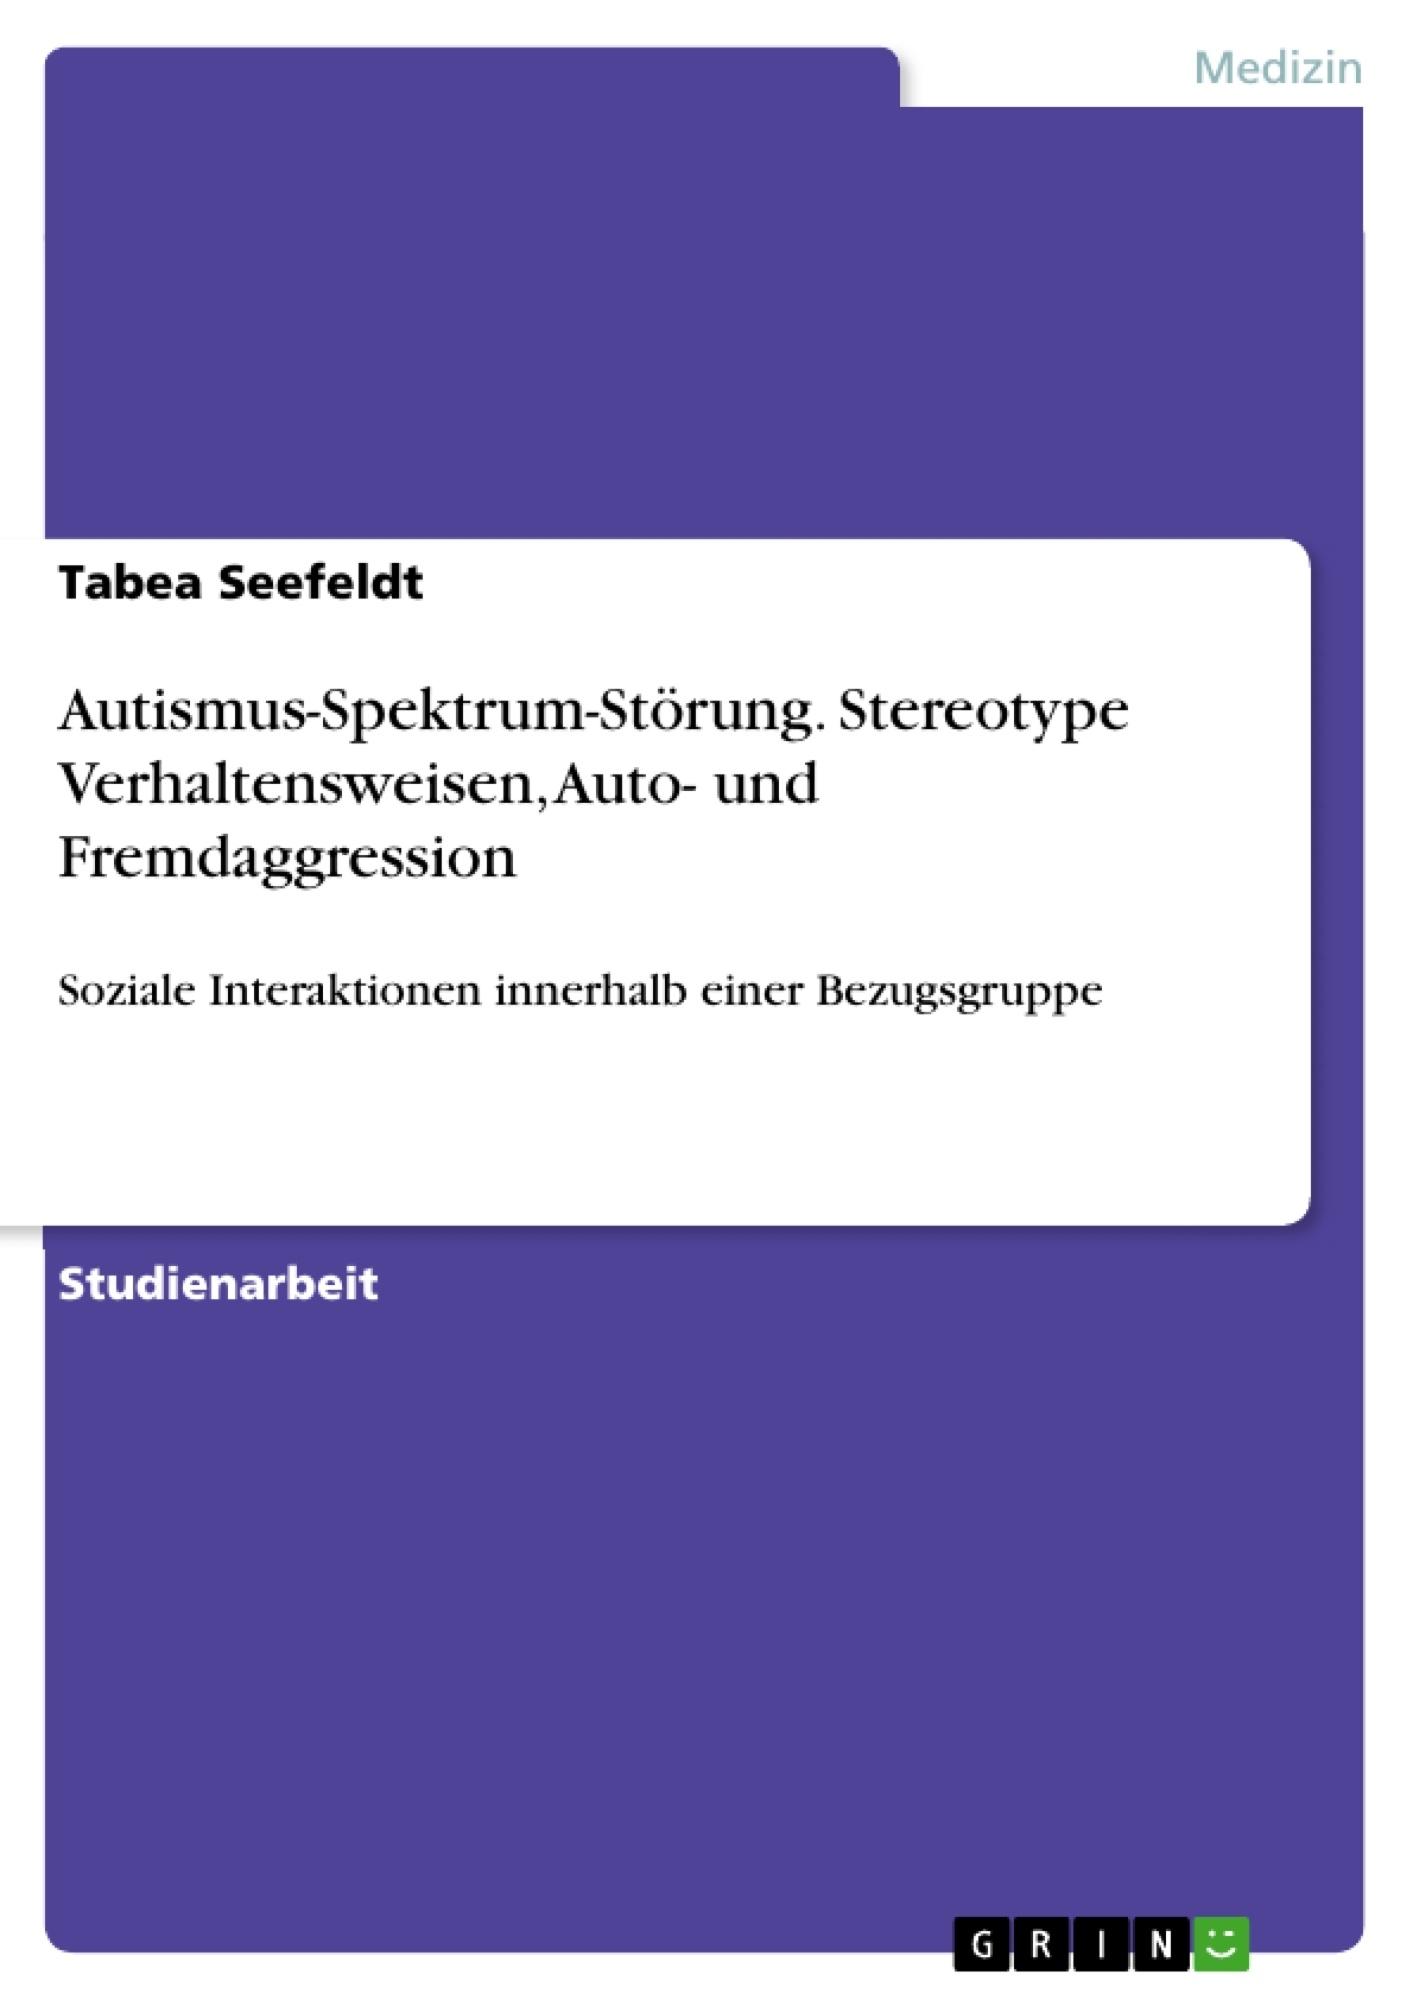 Titel: Autismus-Spektrum-Störung. Stereotype Verhaltensweisen, Auto- und Fremdaggression